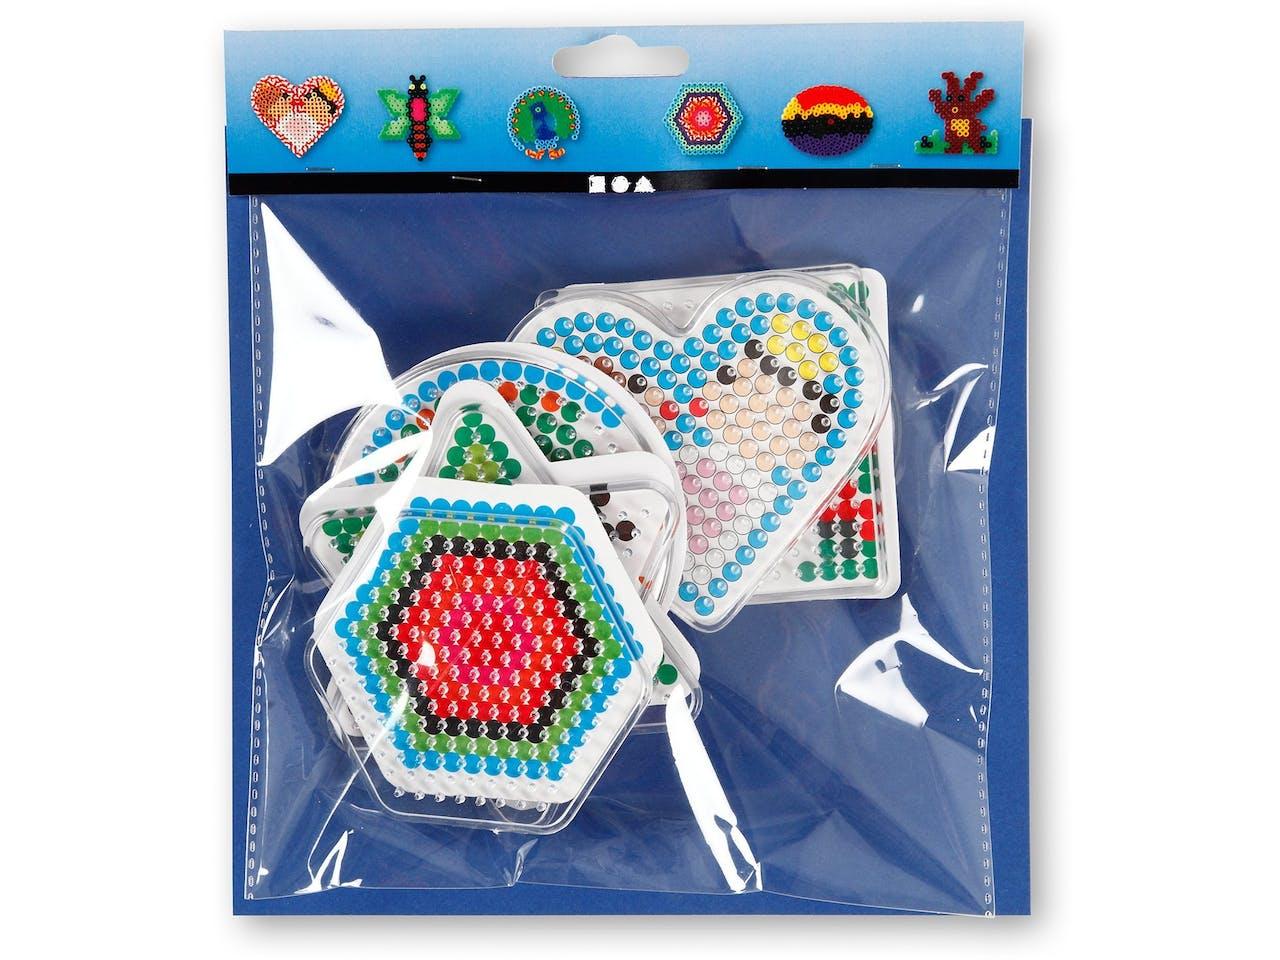 Steckplatte für Bügelperlen, Set, 6er Set, ca. 70 bis 100 mm, geometrische Formen